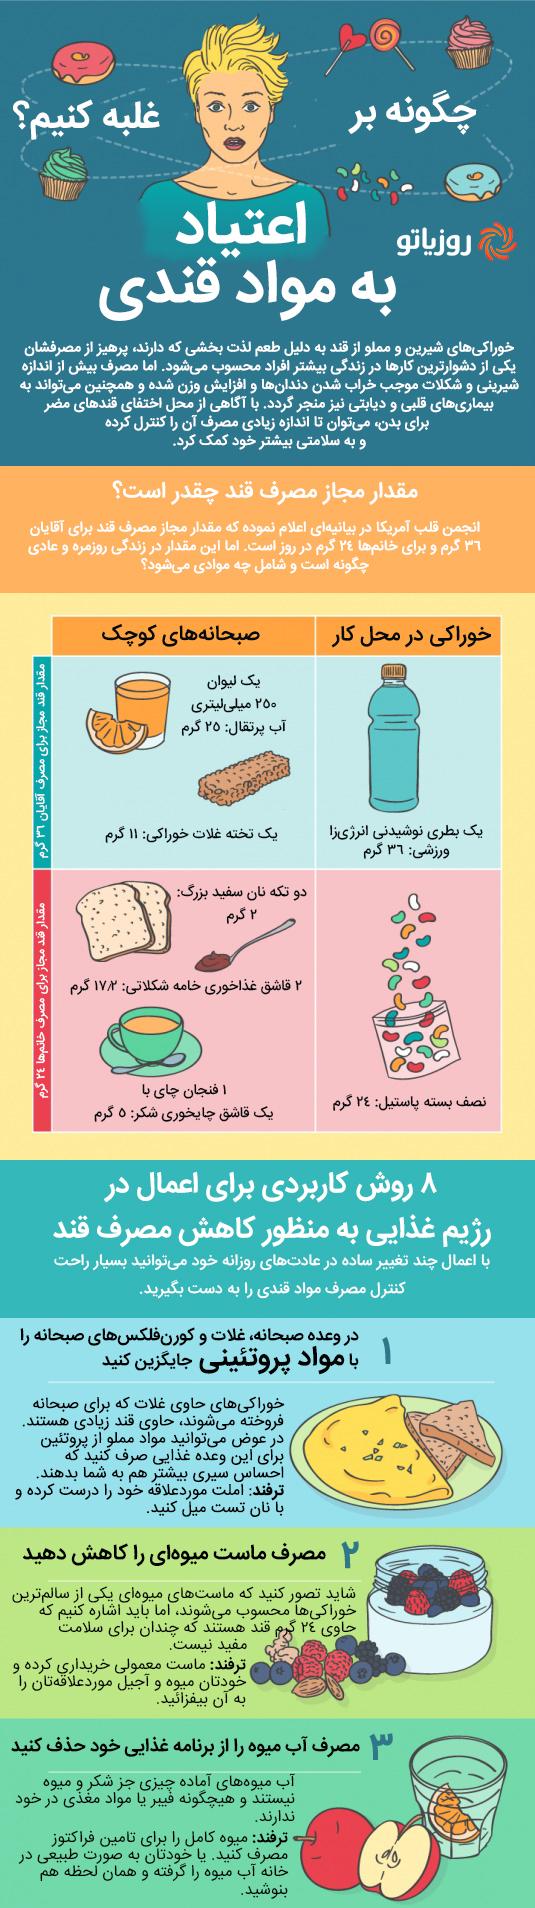 اعتیاد به شیرینی و شکلات